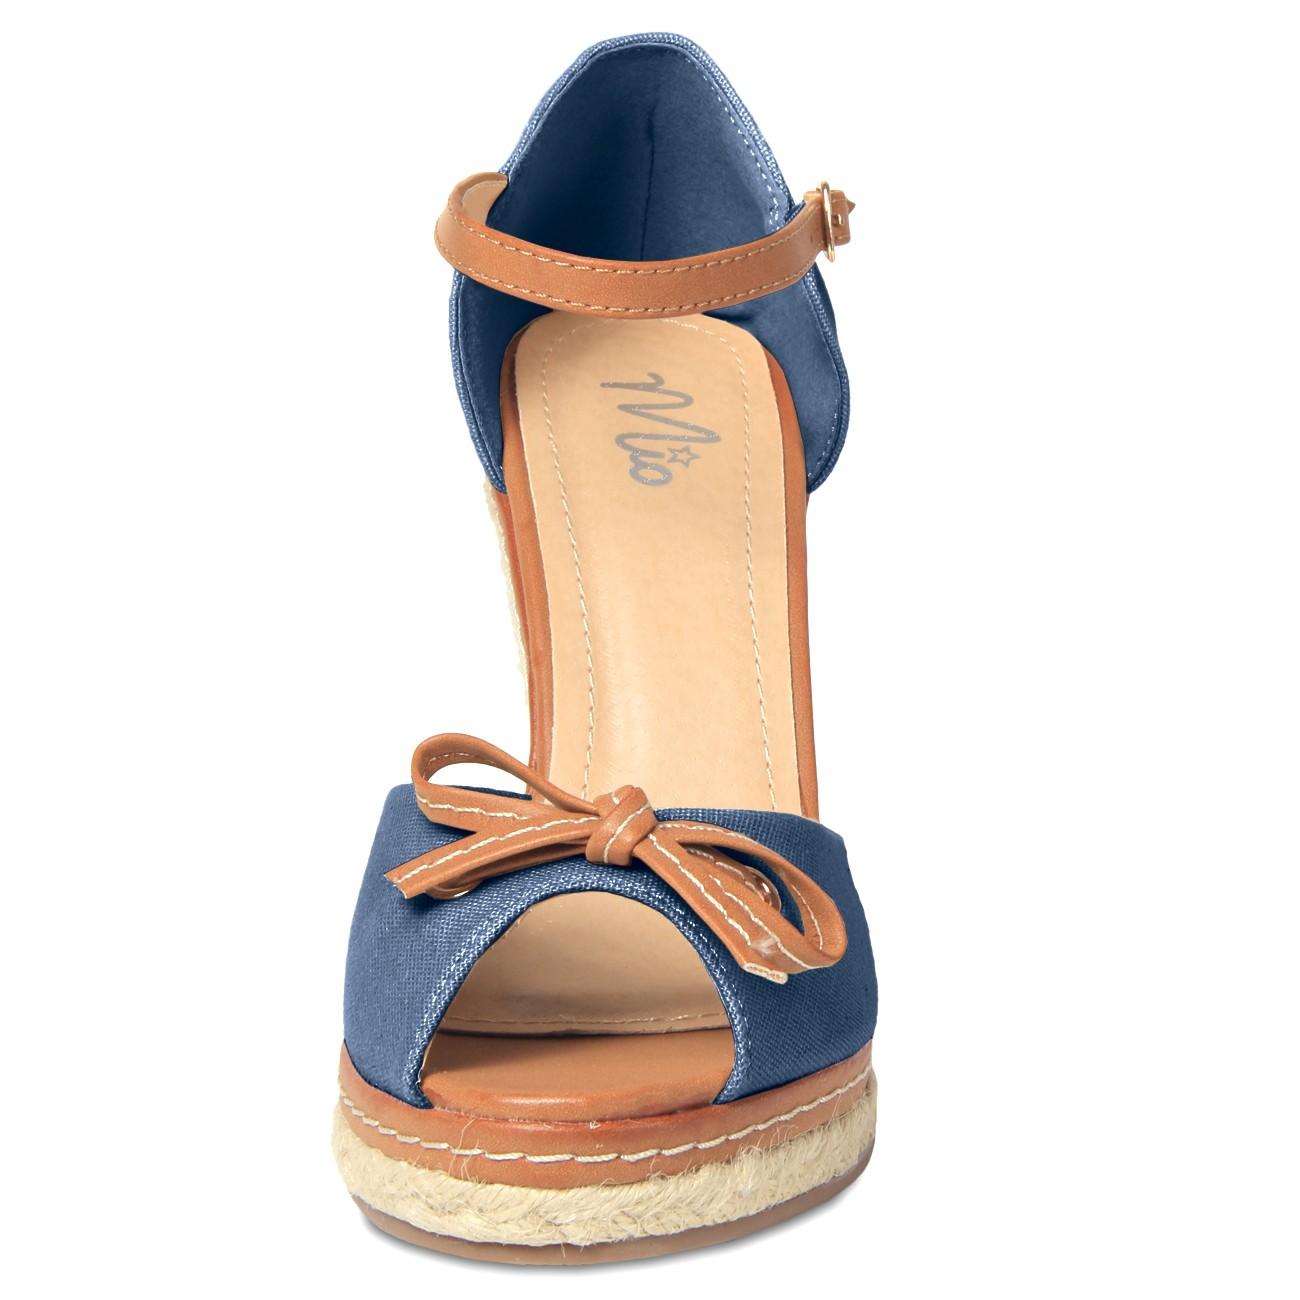 caspar damen schuhe sandalen peep toe mit riemchen und. Black Bedroom Furniture Sets. Home Design Ideas